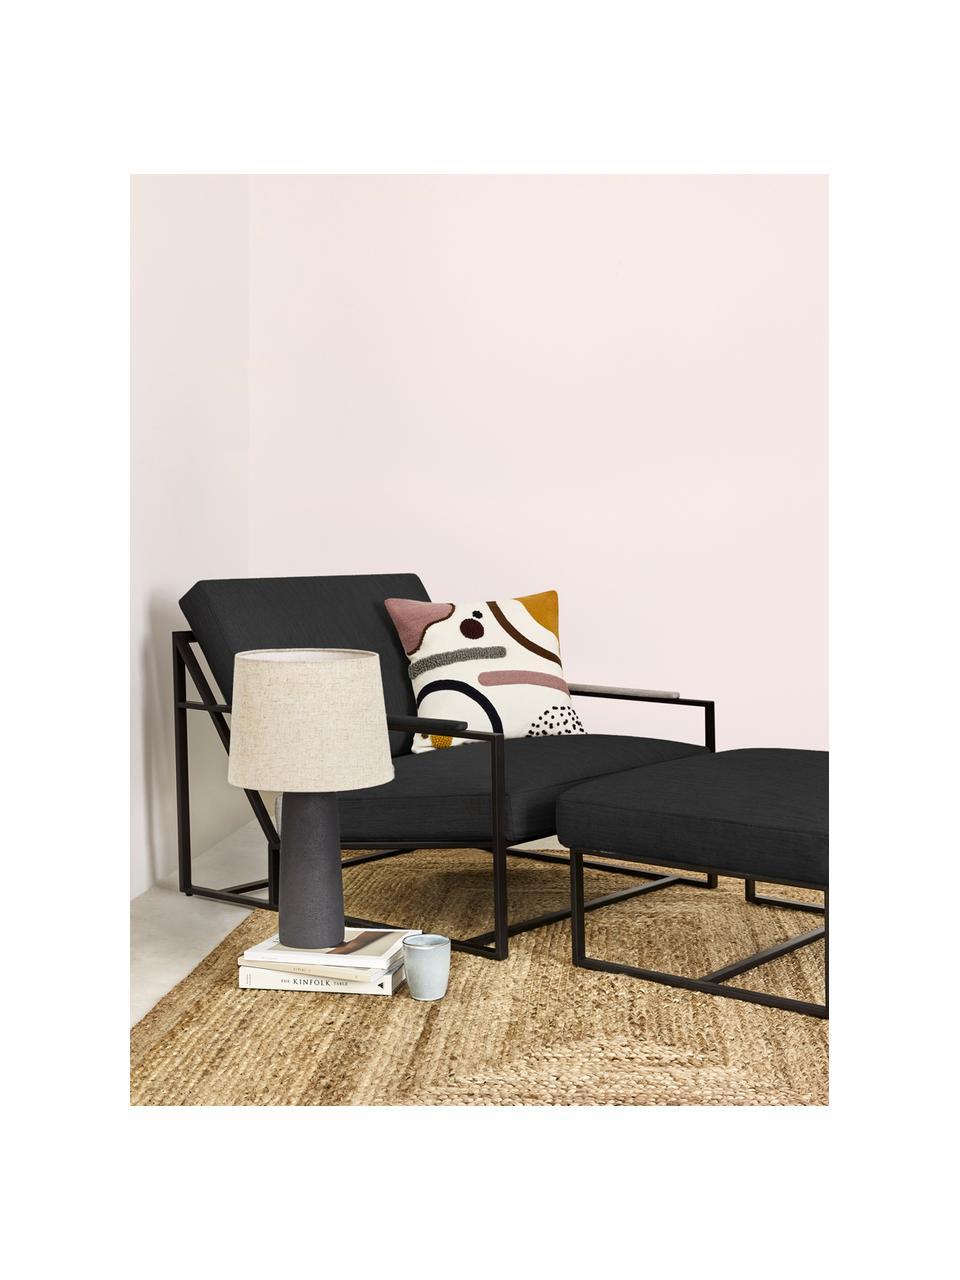 Lounge-Set Andy, 2-tlg. mit Metall-Gestell, Webstoff Anthrazit, Set mit verschiedenen Größen